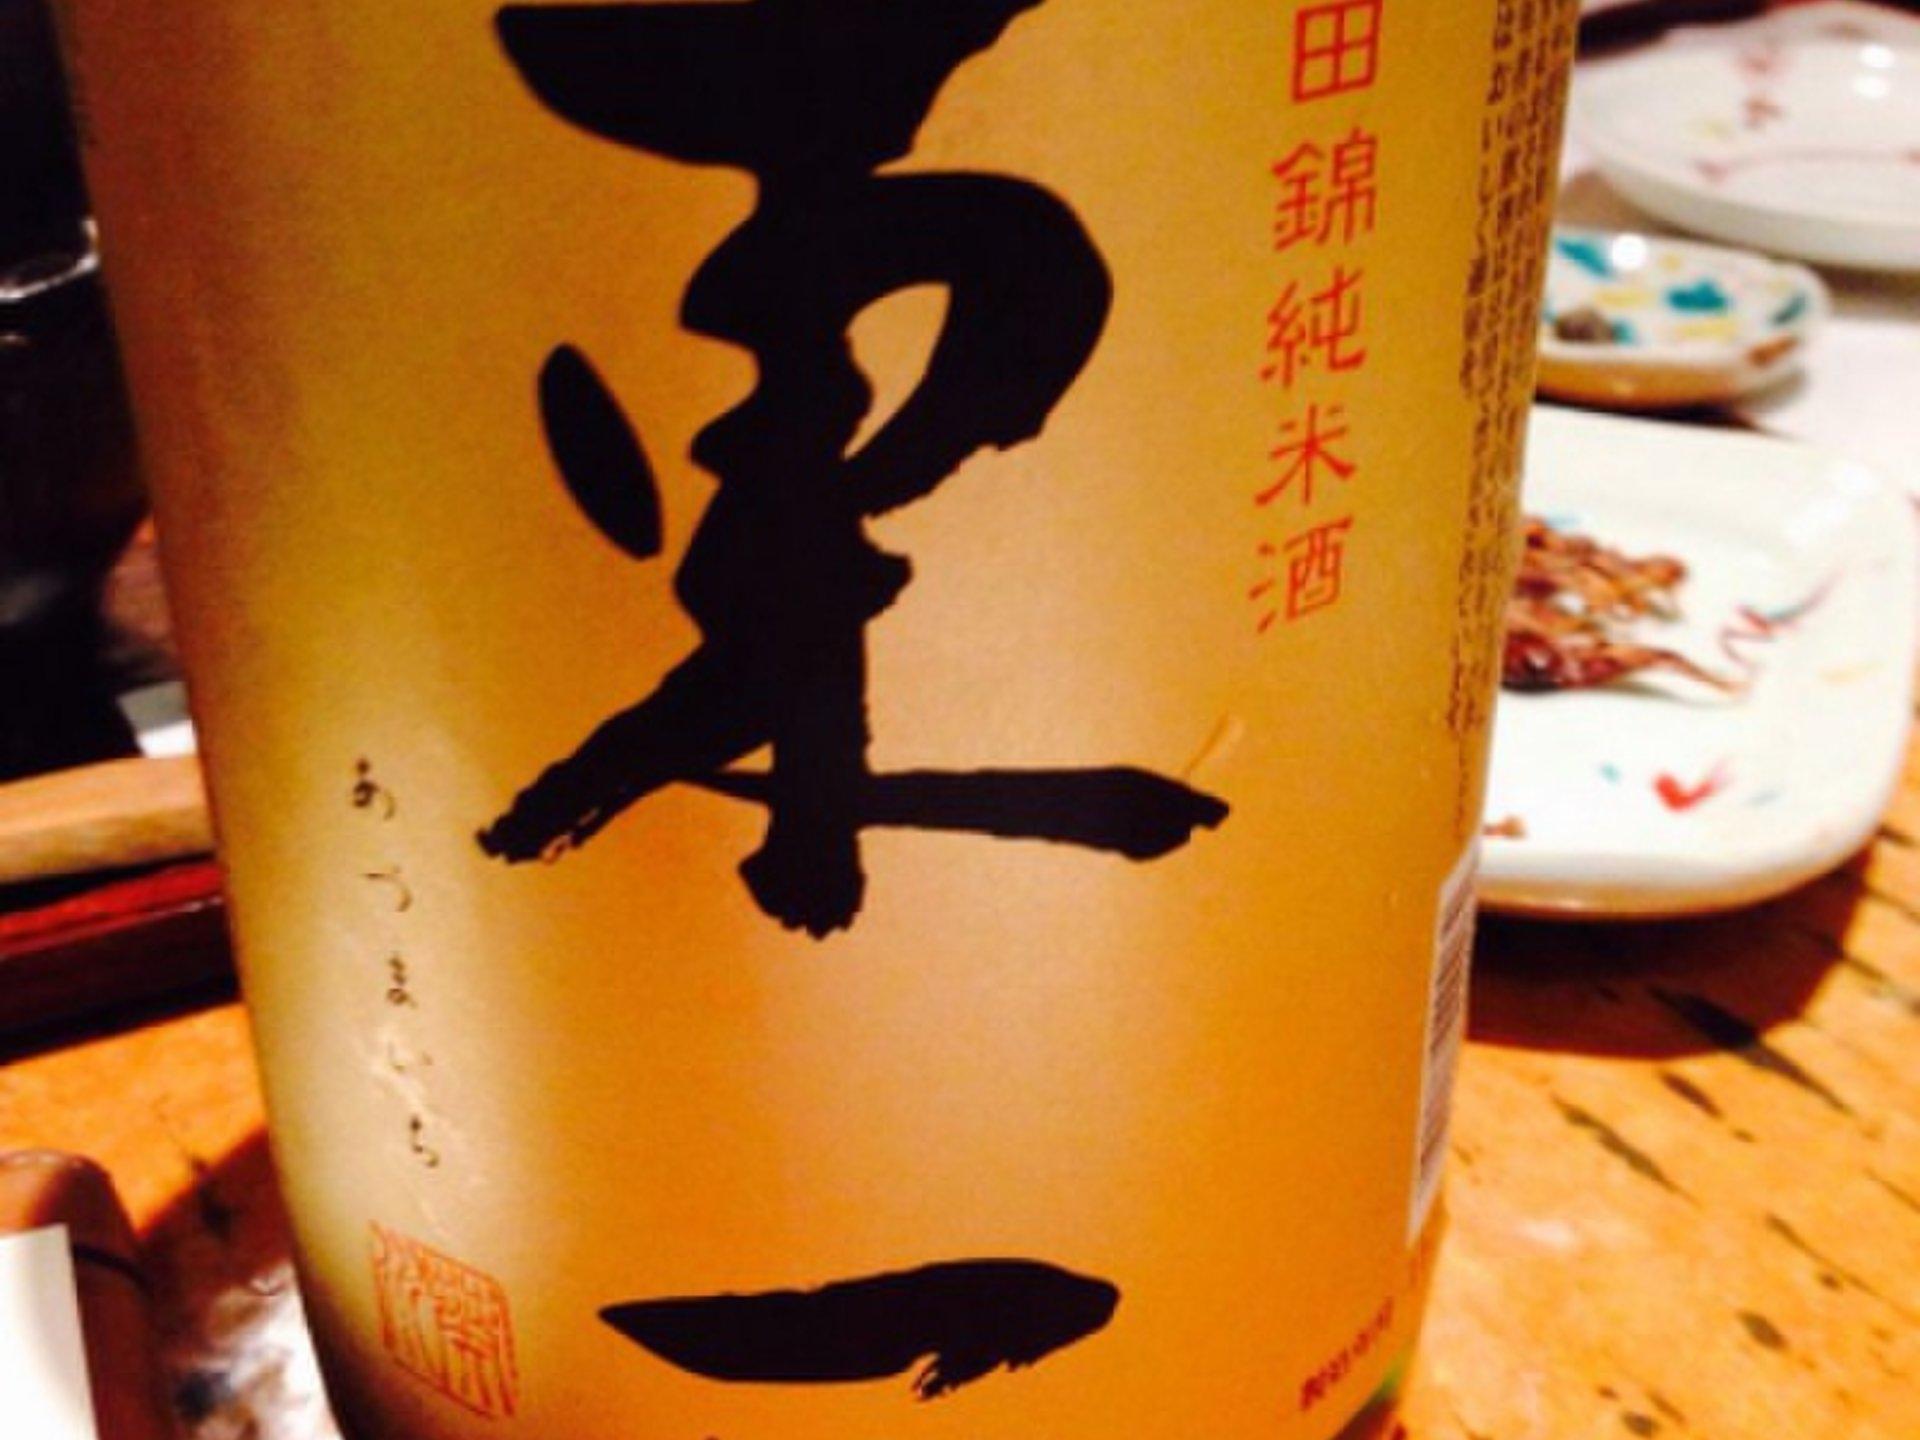 【米好き必見】お米の専門料理店が選ぶ美味しい日本酒はこれだ!お米料理とお米の酒の相性抜群!